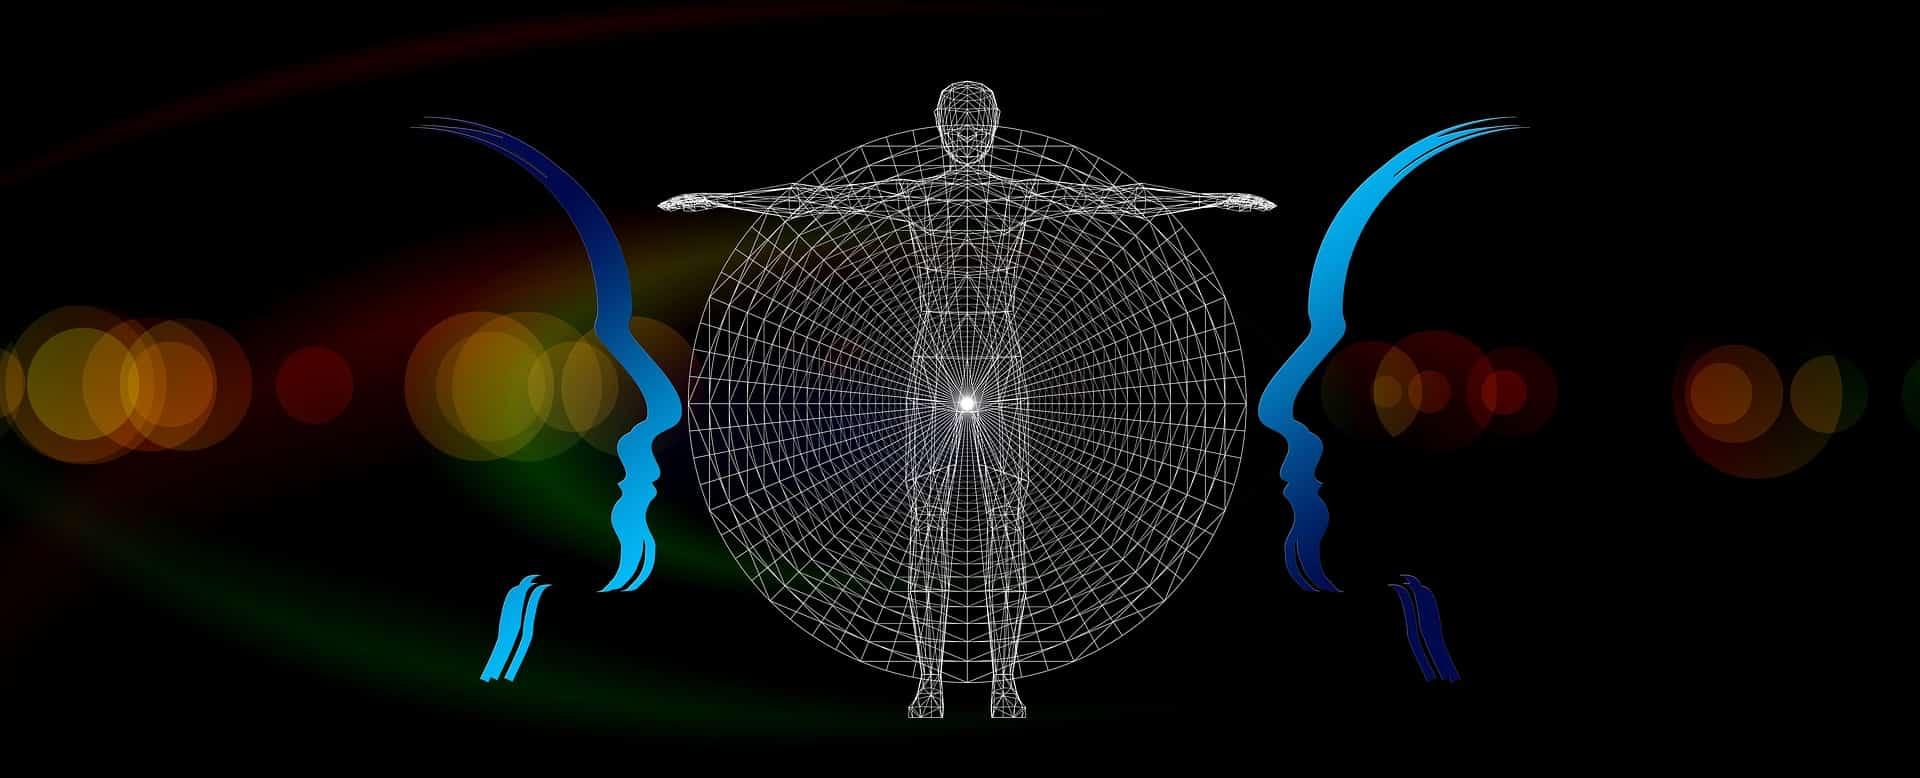 Das Bewusstsein aus wissenschaftlicher Sicht